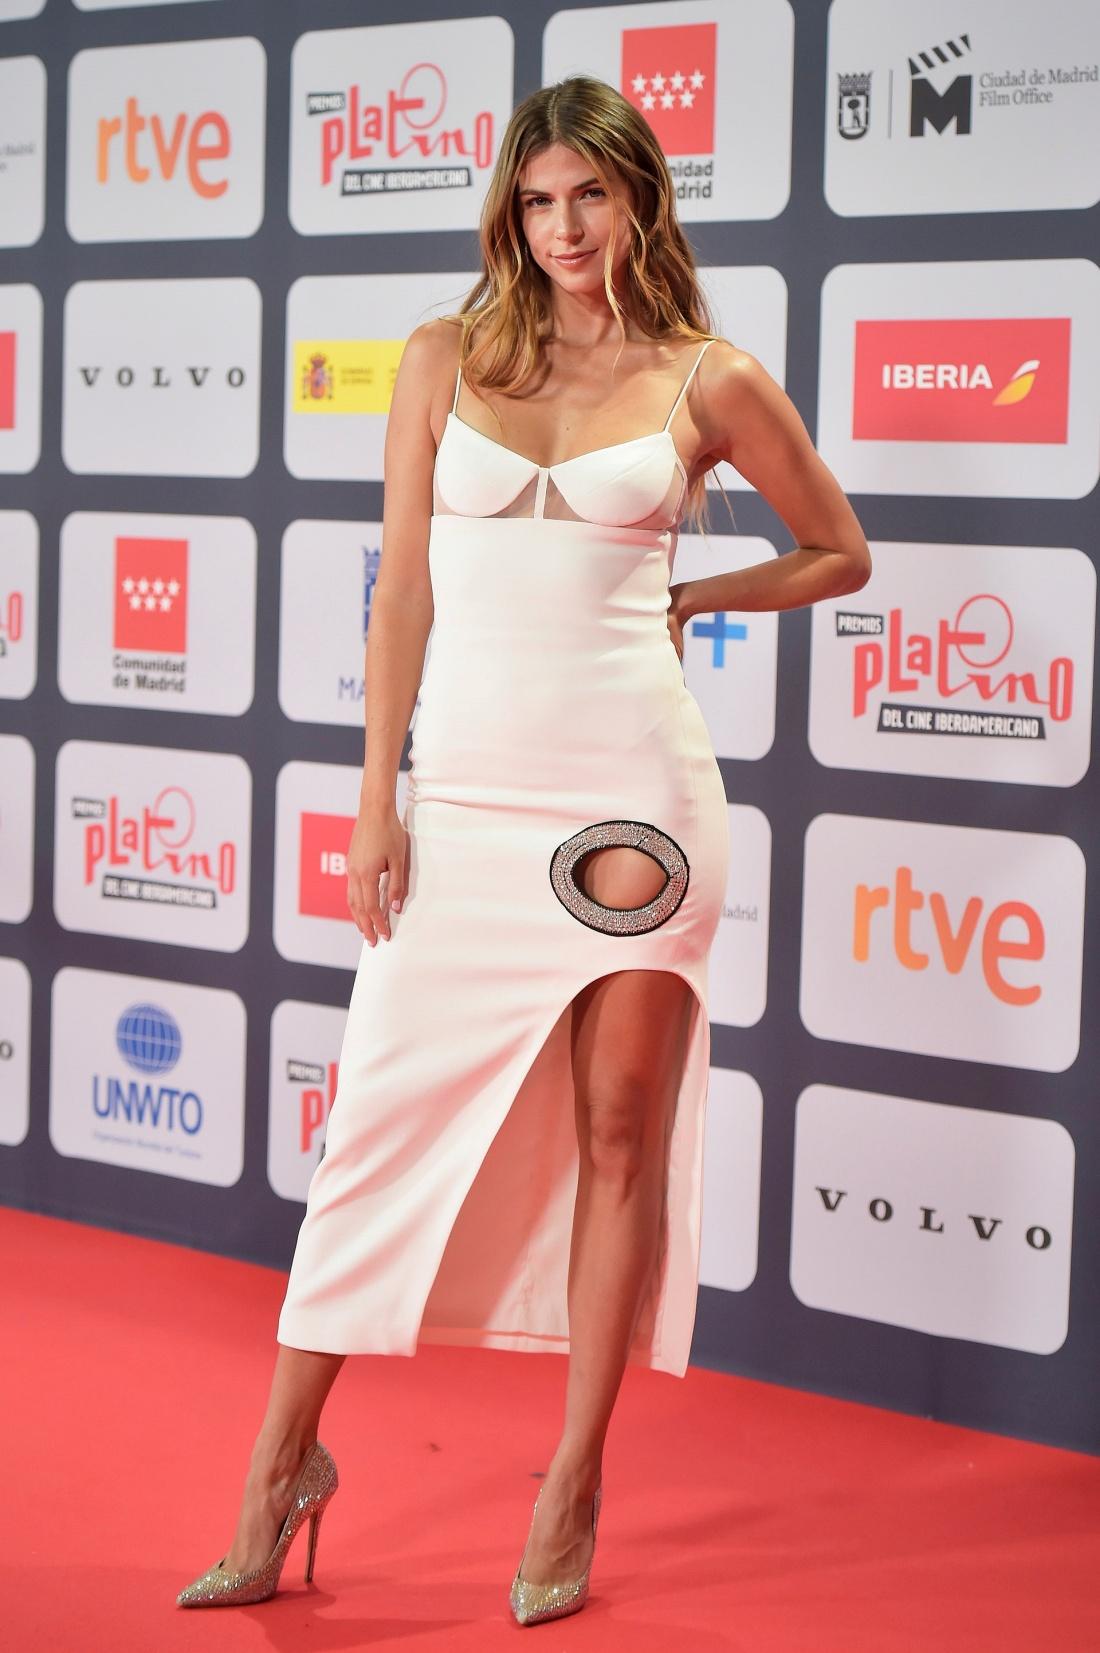 Premios Platino 2021